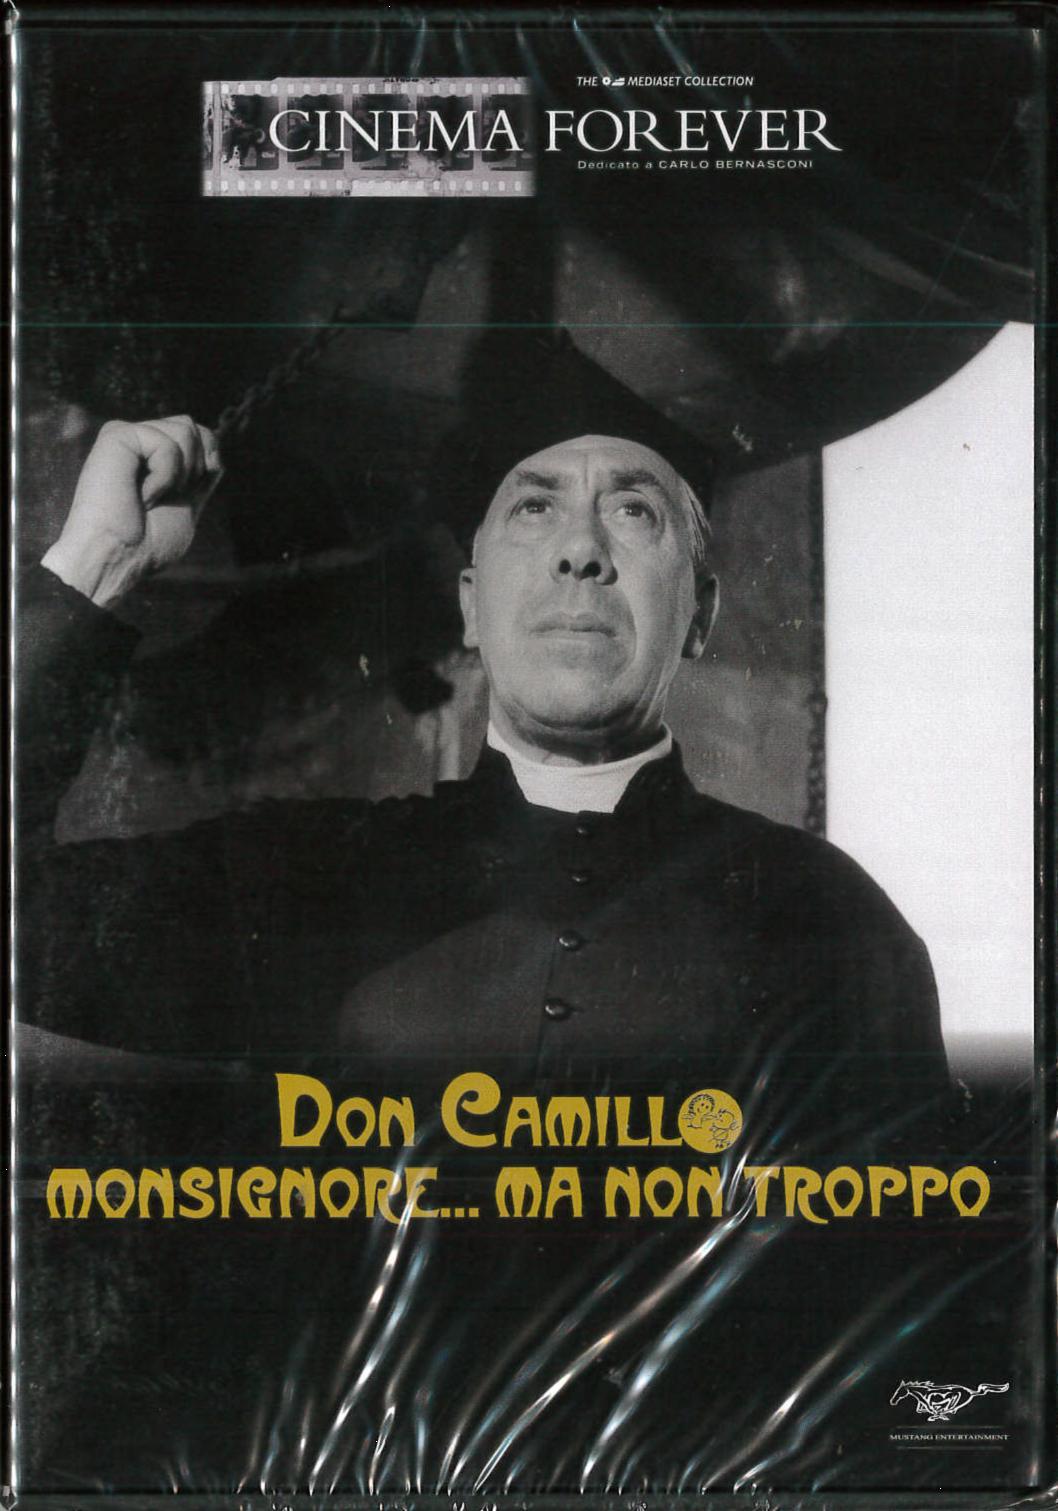 DON CAMILLO MONSIGNORE... MA NON TROPPO (DVD)